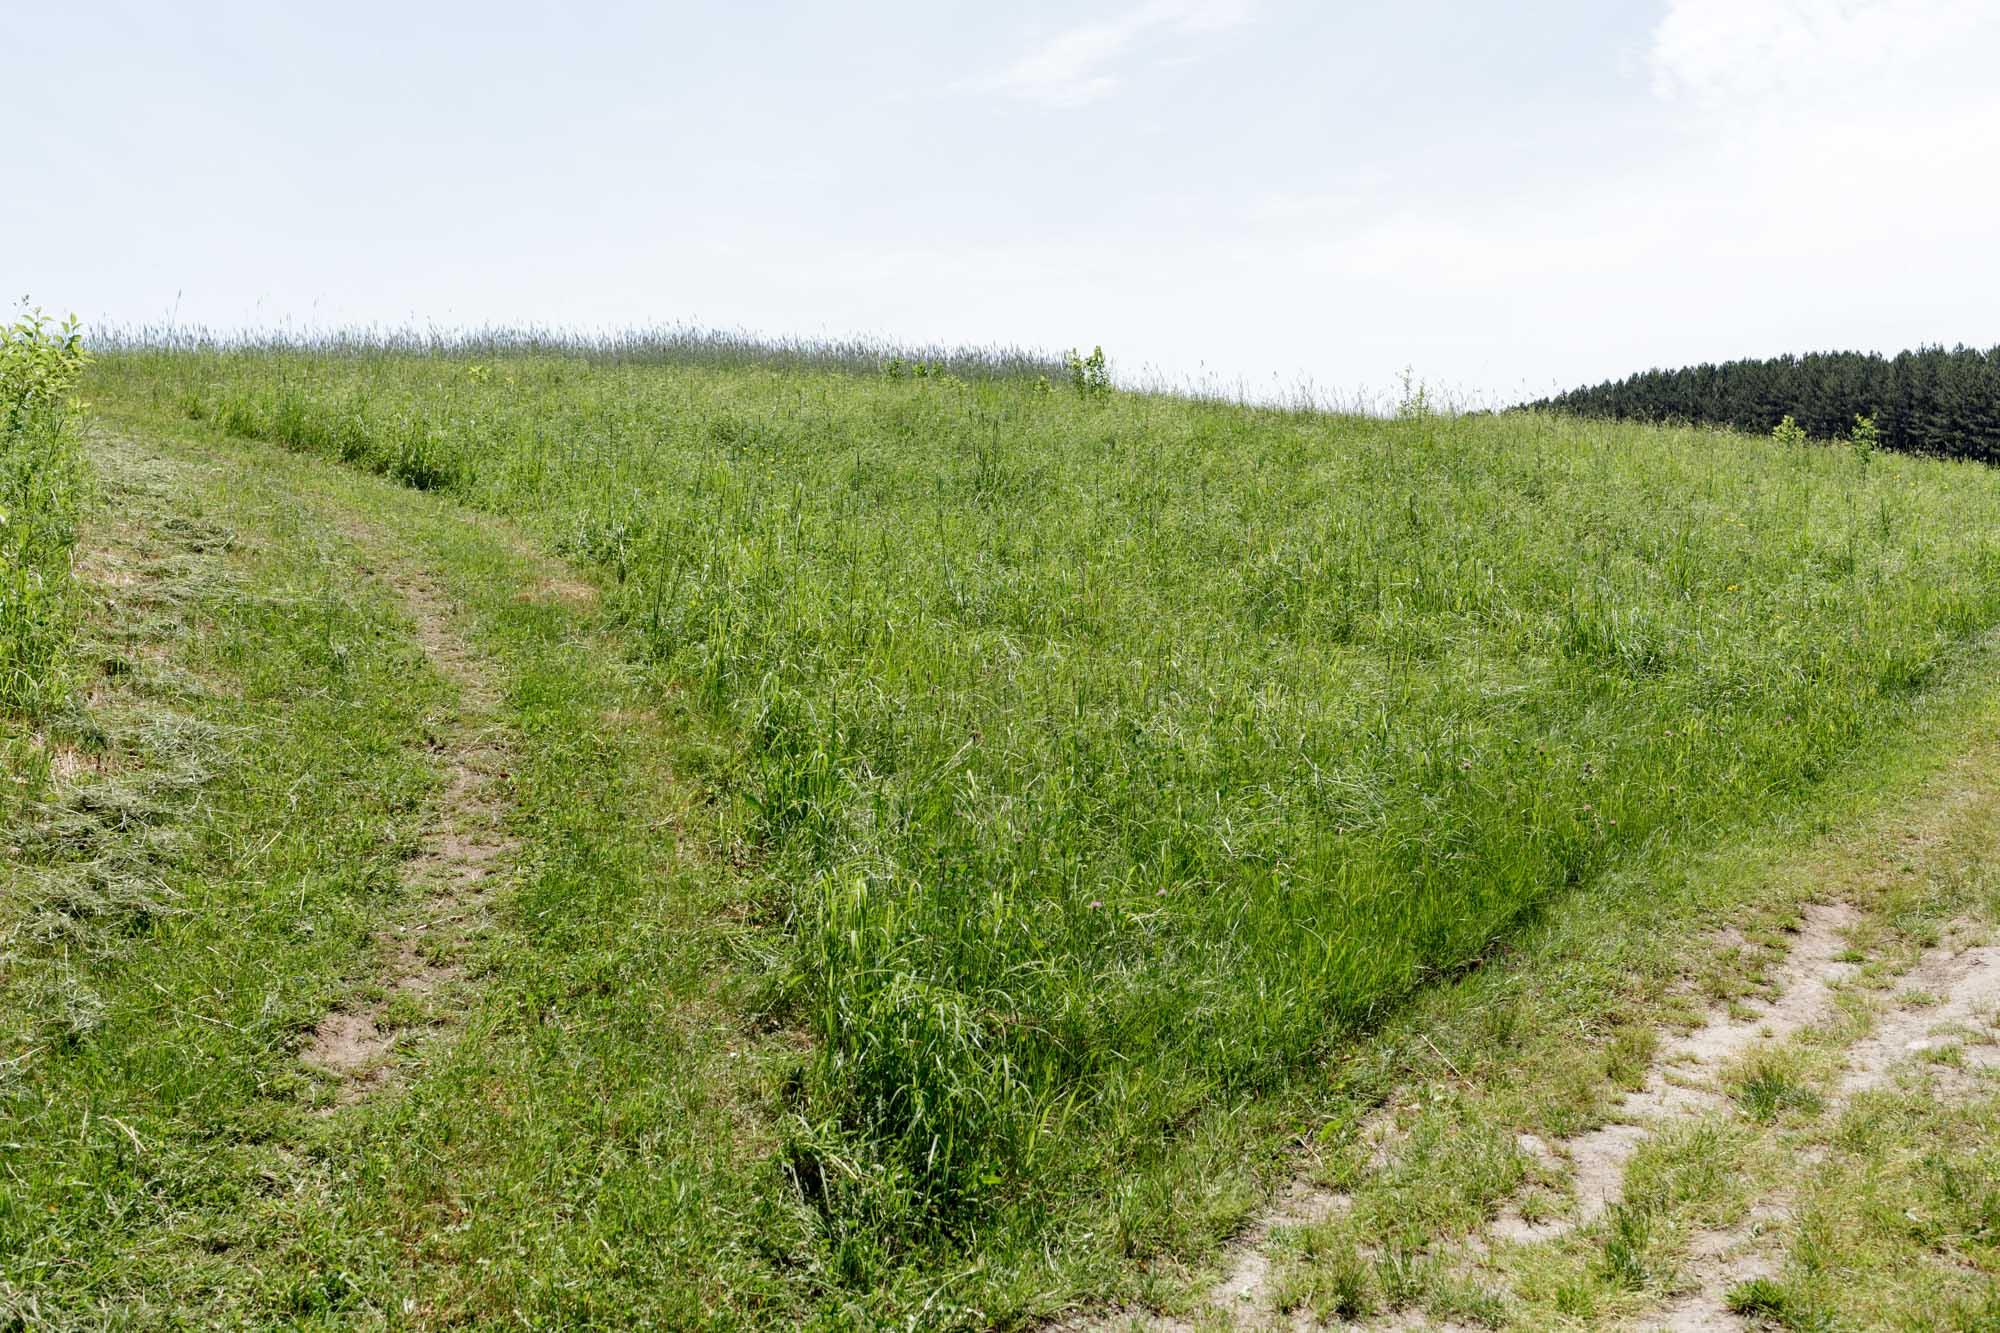 Two Roads in a Field